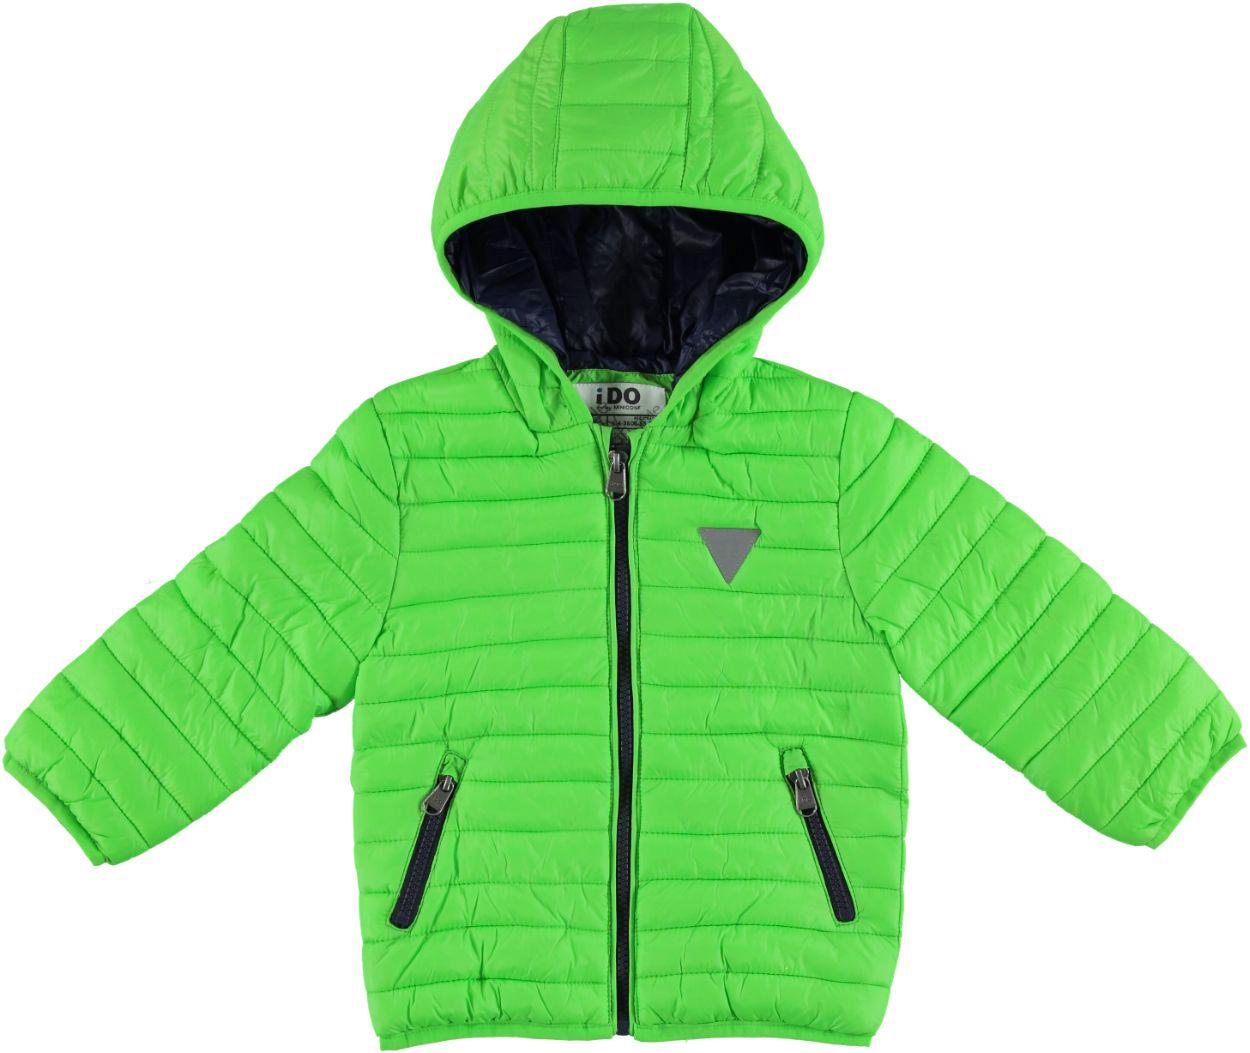 new style a10aa 8a9b1 Piumino leggero bambino con trapunta orizzontale vestibilità da 6 a 36 mesi  iDO